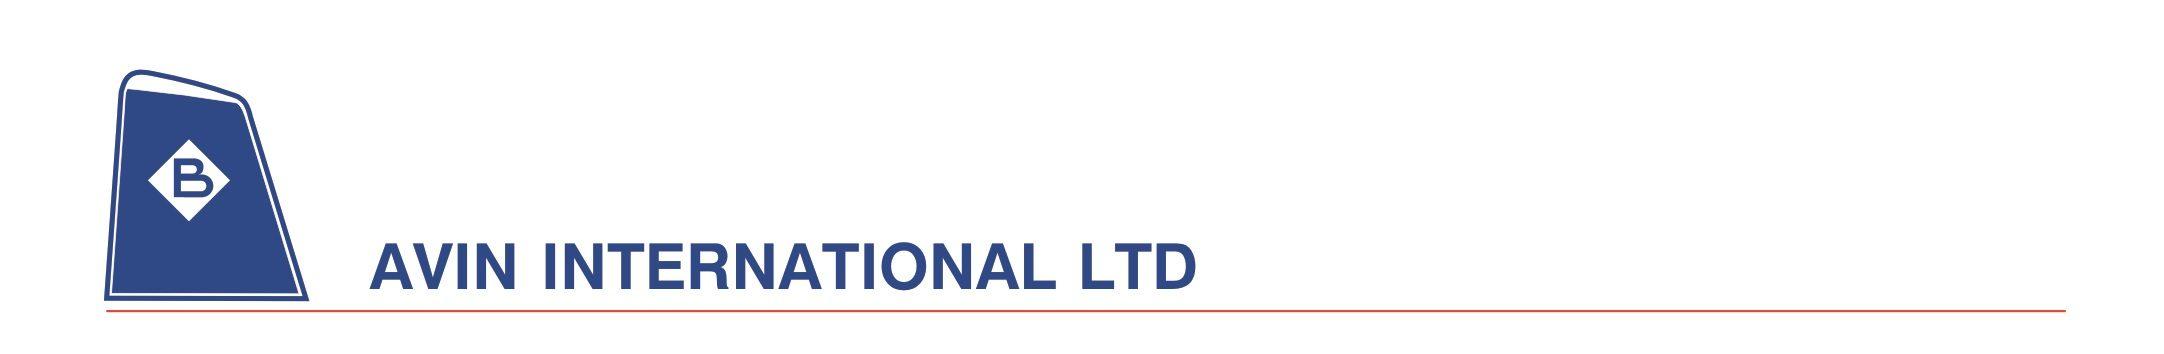 AVIN INTERNATIONAL LTD